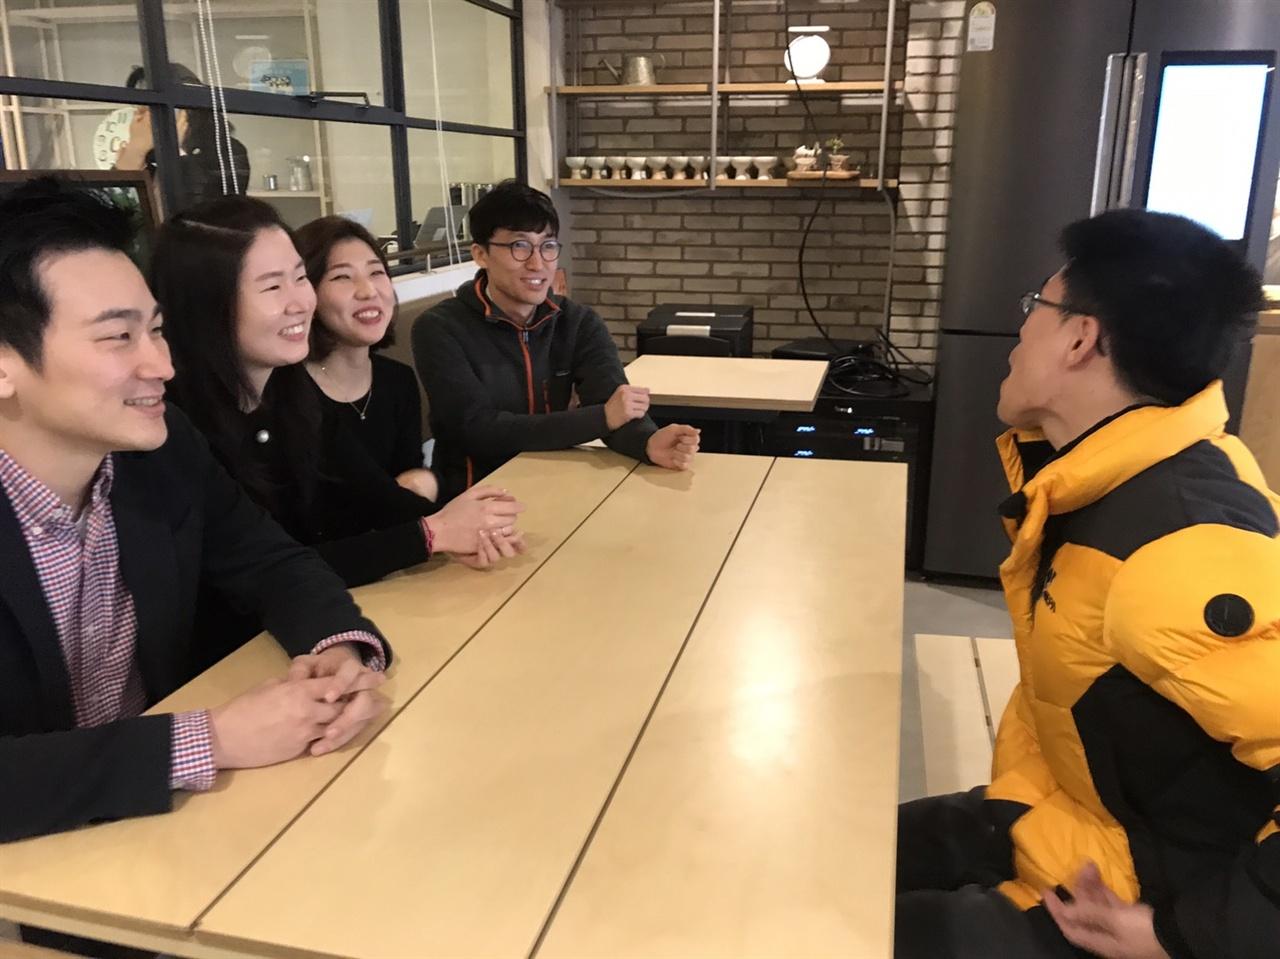 왼쪽부터 김기화 기자, 오귀나 PD, 박은진 작가, 선상원 촬영기자